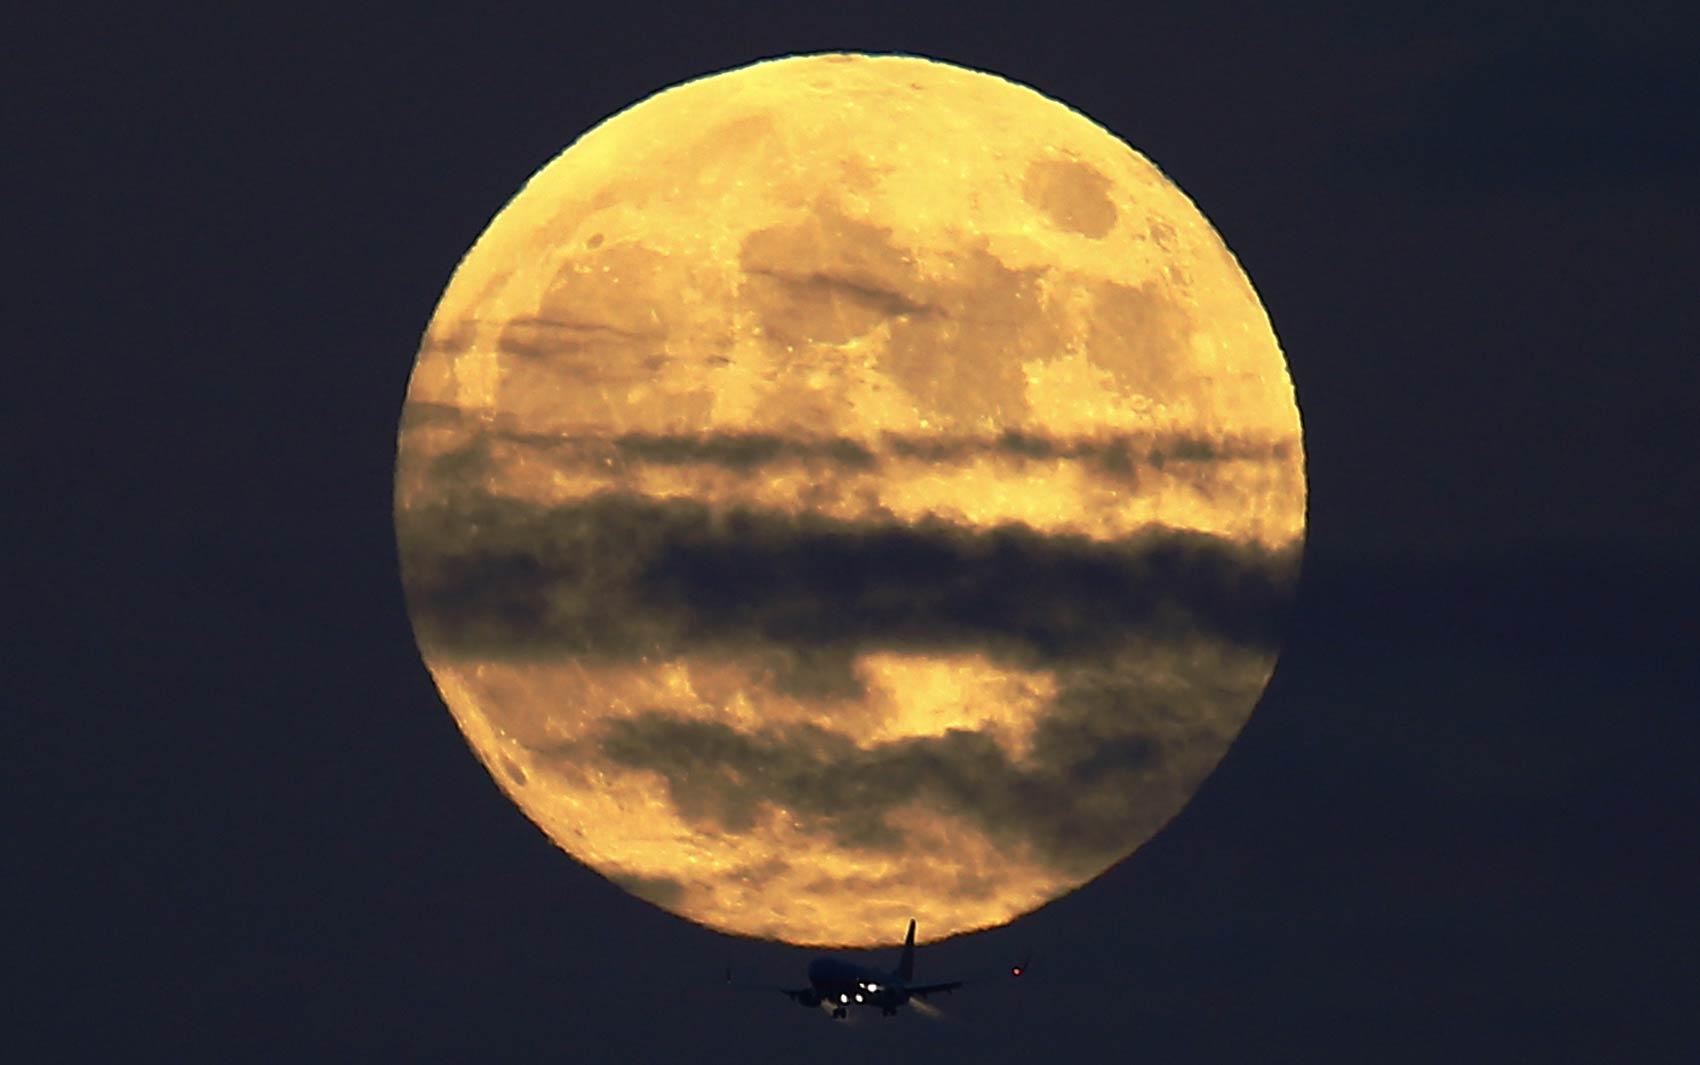 Avião comercial passa abaixo da 'Lua de sangue' antes de pousar no aeroporto de Lindberg Field em San Diego, na Califórnia (EUA). Fenômeno do eclipse lunar dá tom avermelhado à Lua